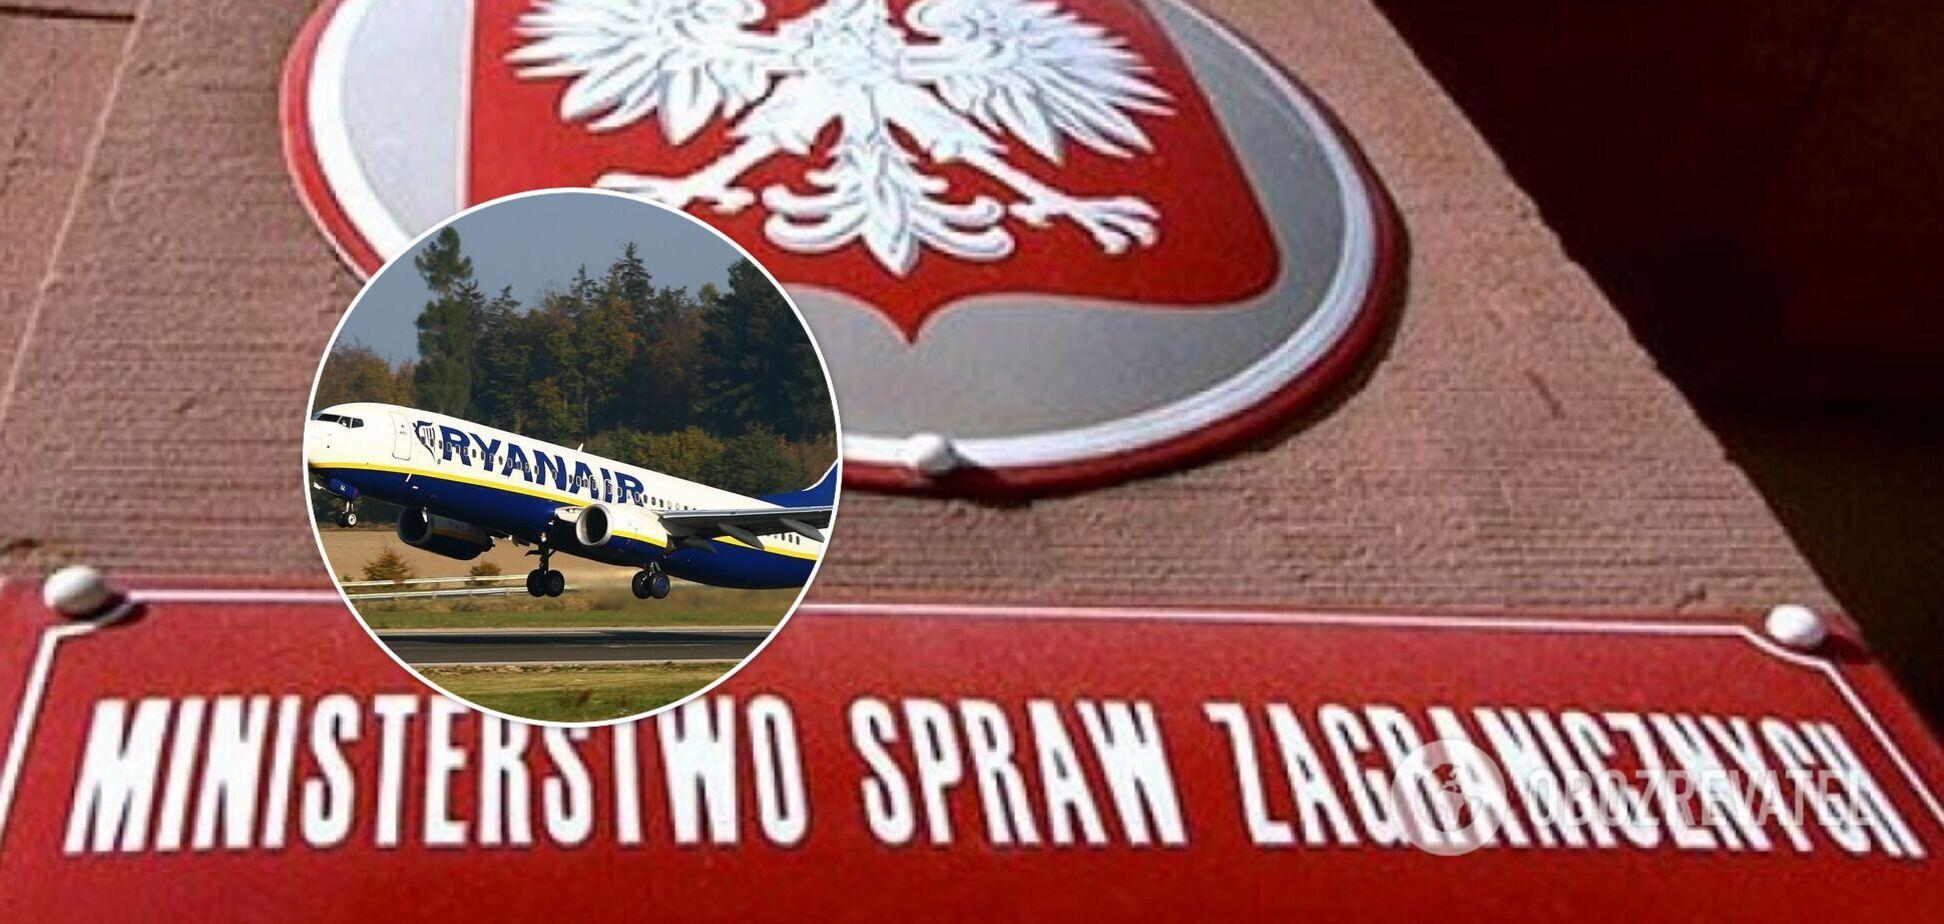 Польща звинуватила Білорусь у викраденні пасажирського літака і тероризмі